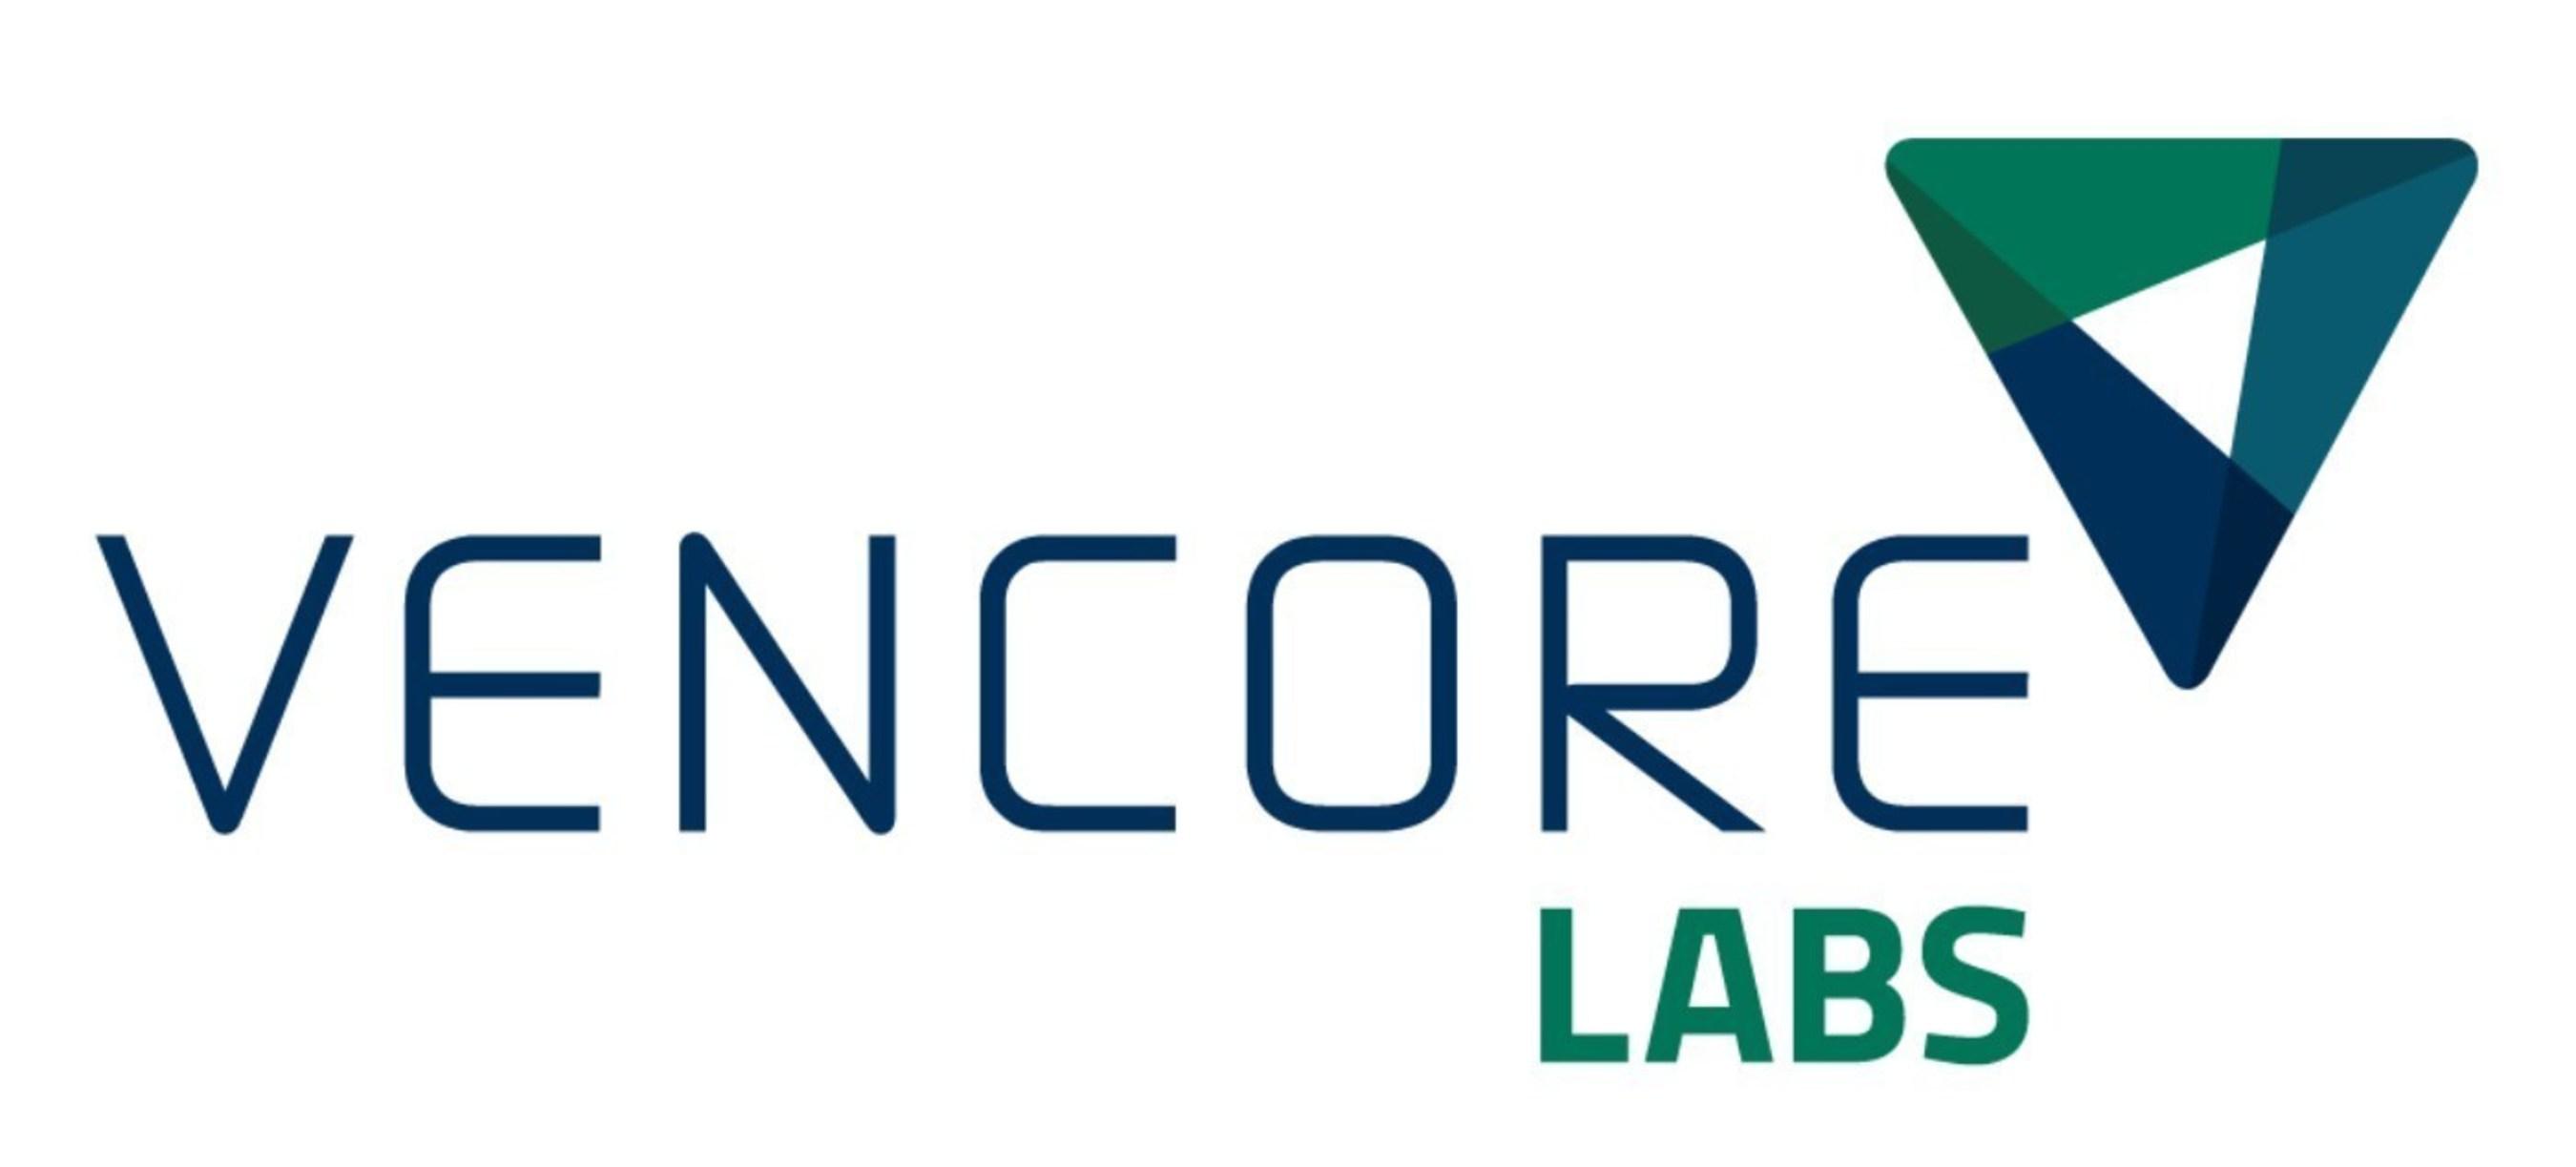 Vencore, Inc. Launches its Transformative New Research Organization, Vencore Labs